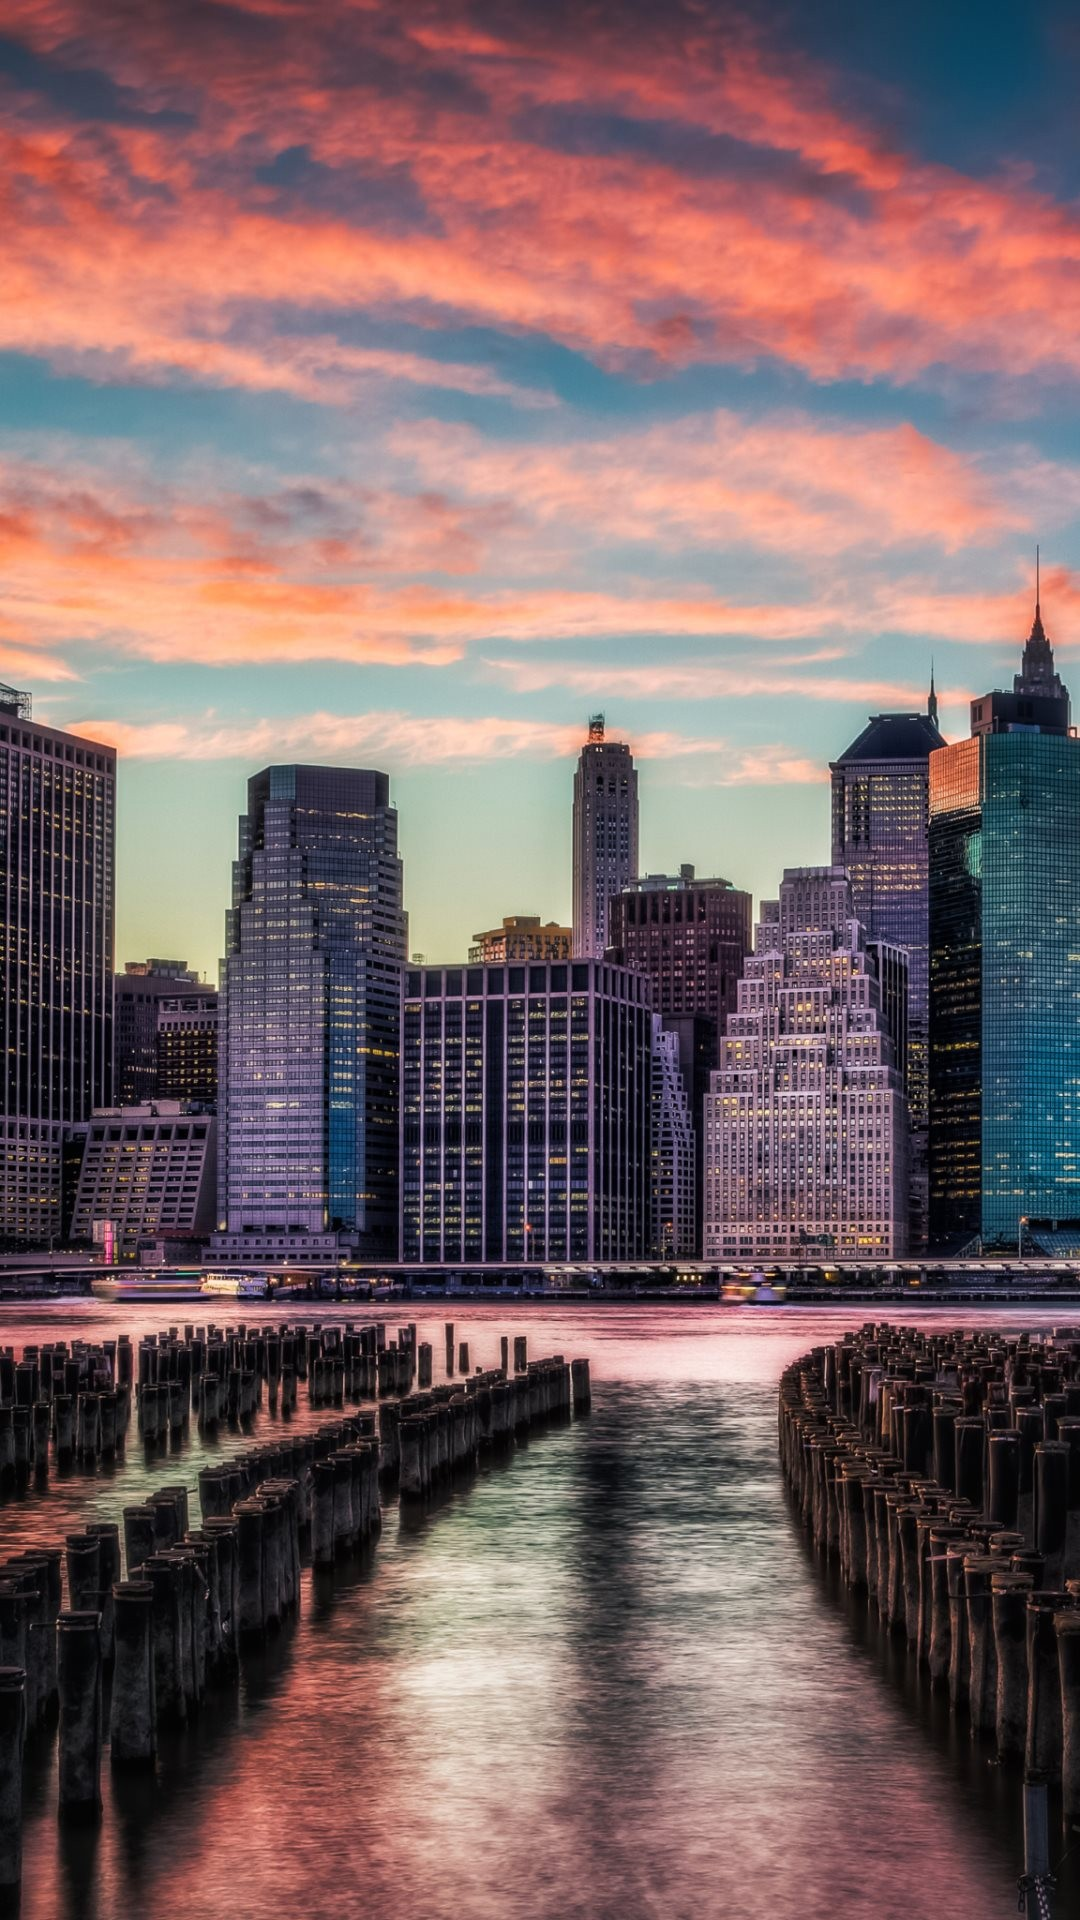 City iphone